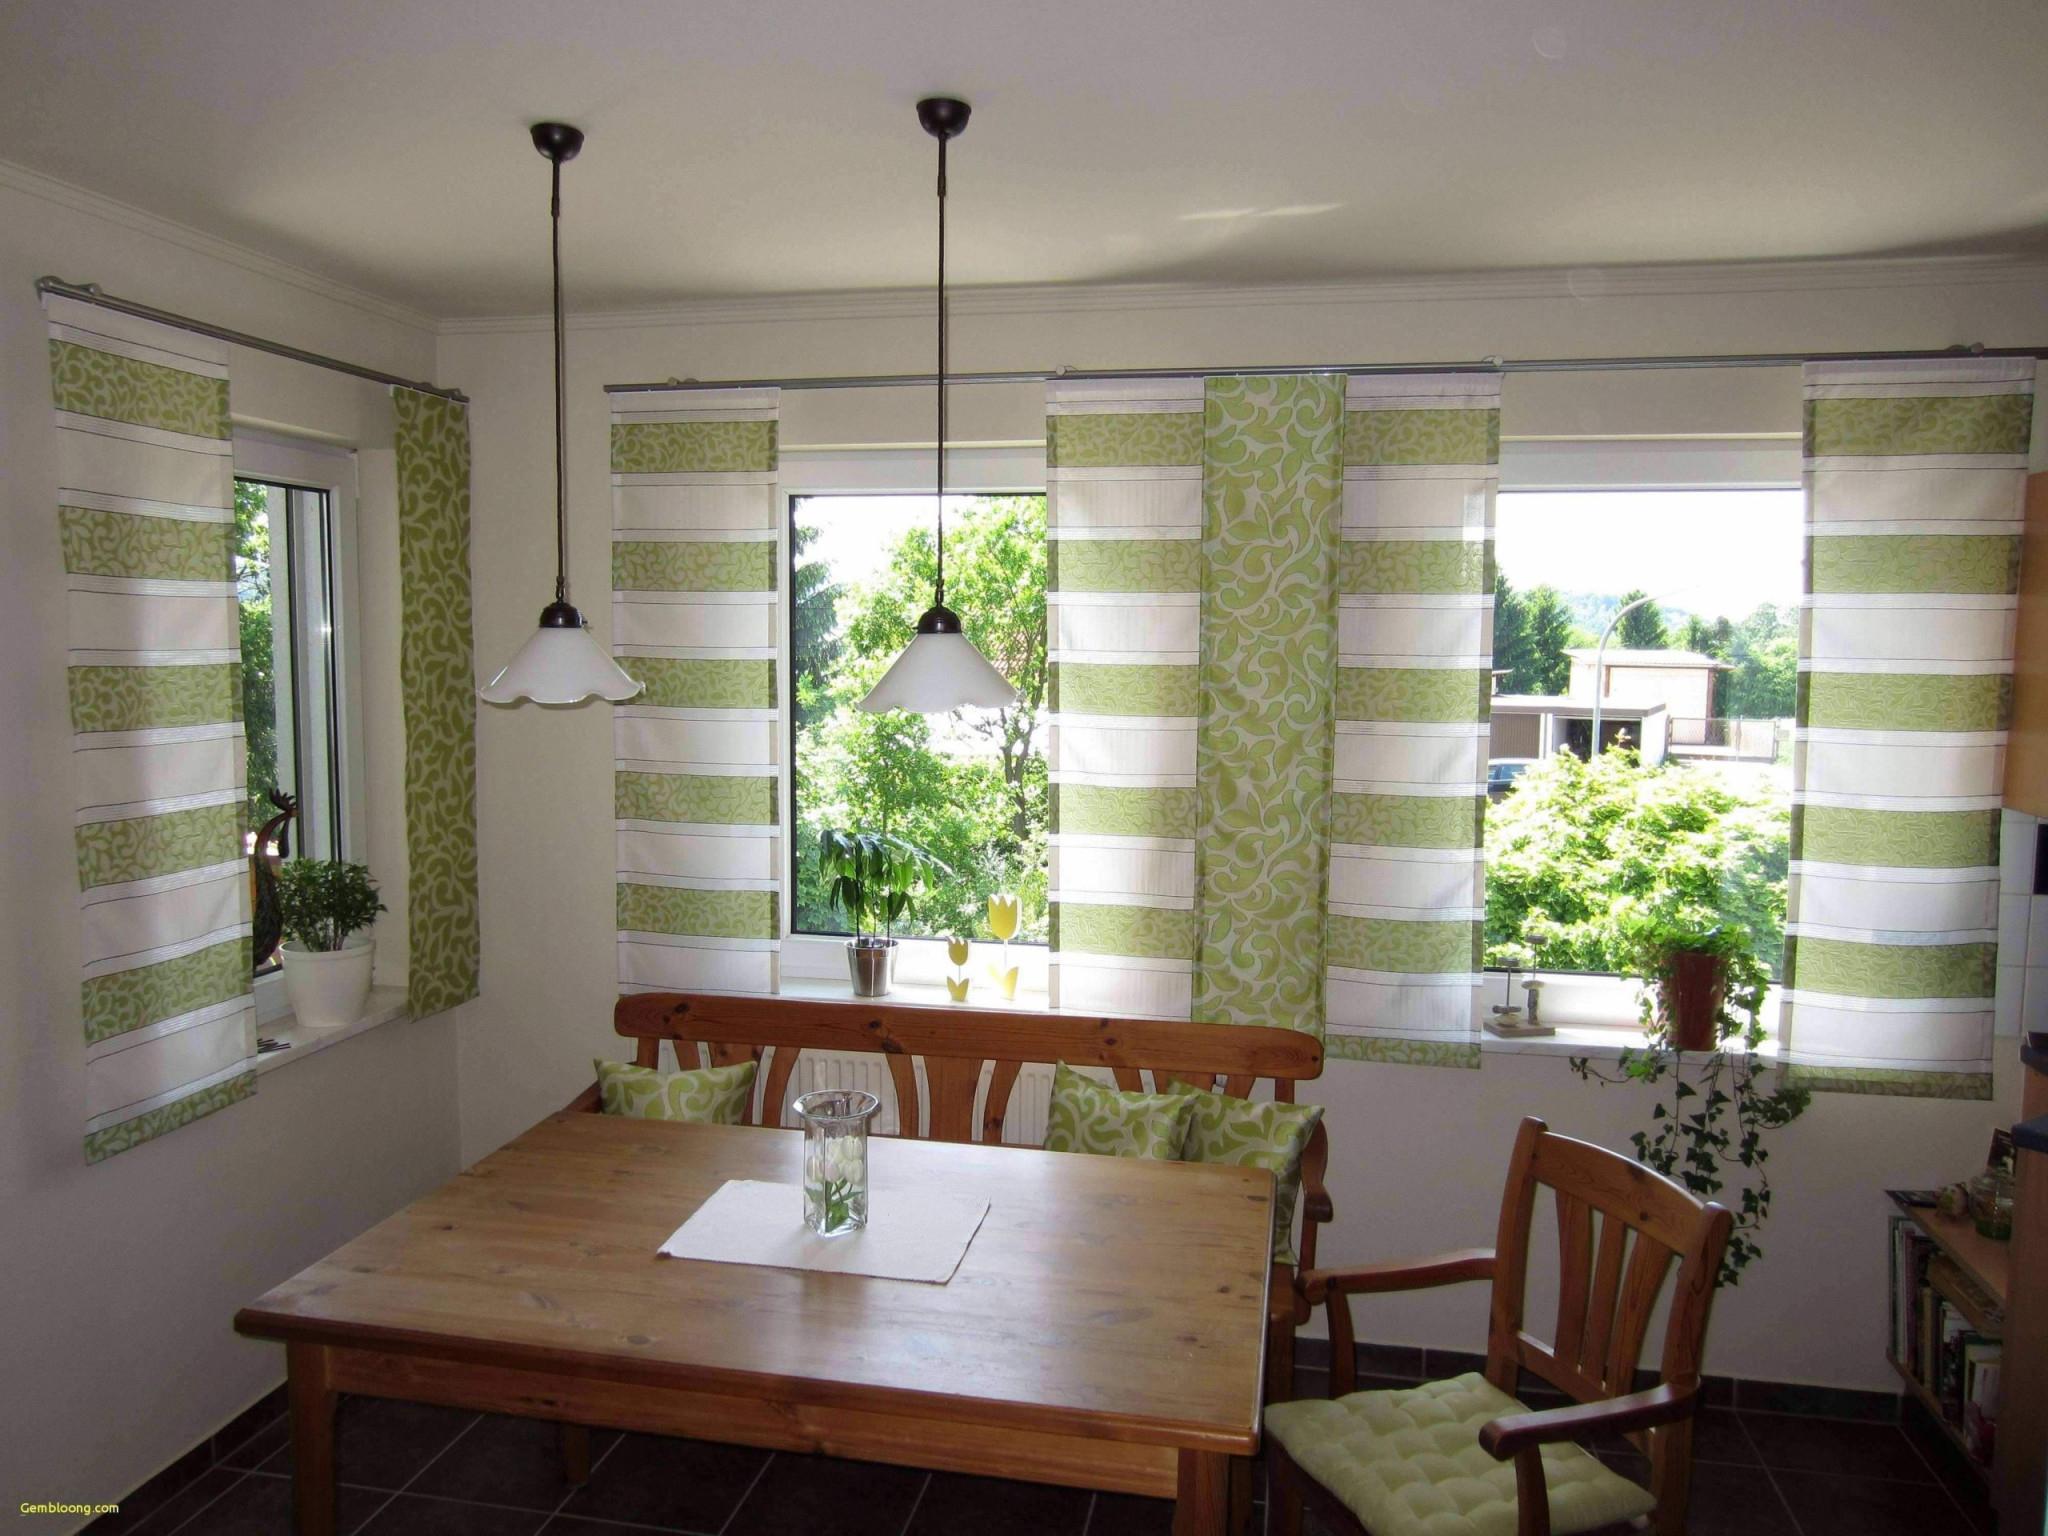 39 Einzigartig Ecke Im Wohnzimmer Dekorieren Luxus von Deko Für Ecke Im Wohnzimmer Photo